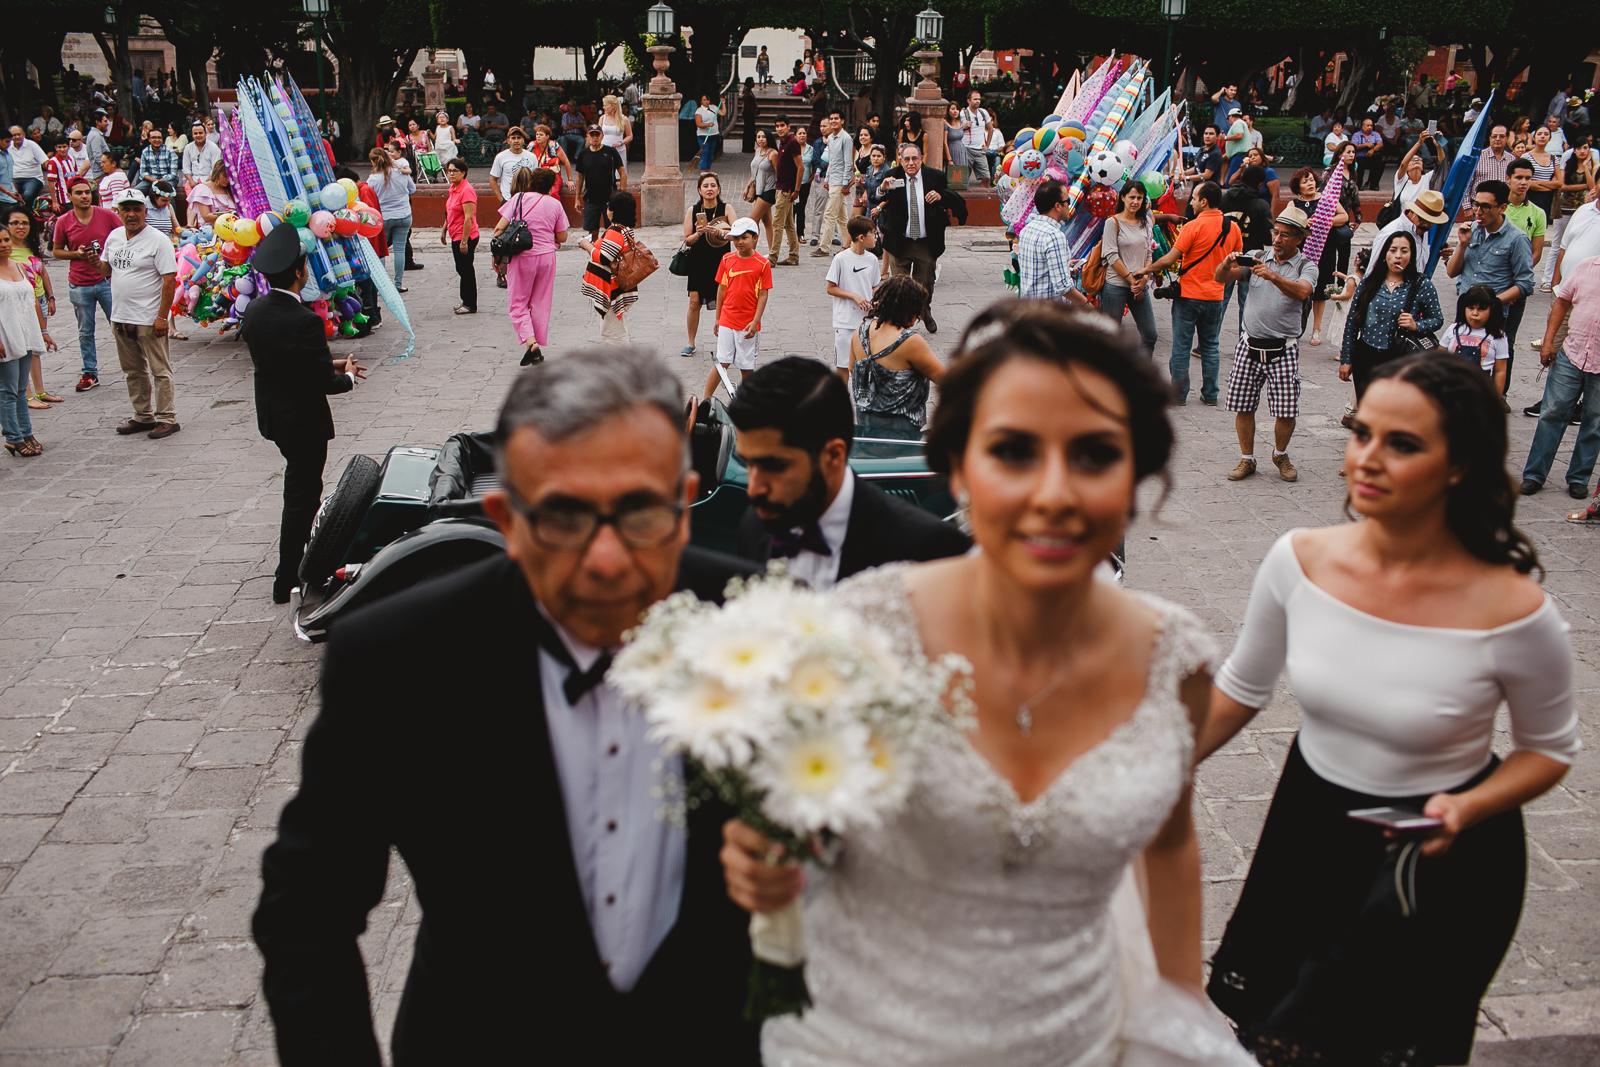 fotografo-de-bodas-san-miguel-de-allende-035